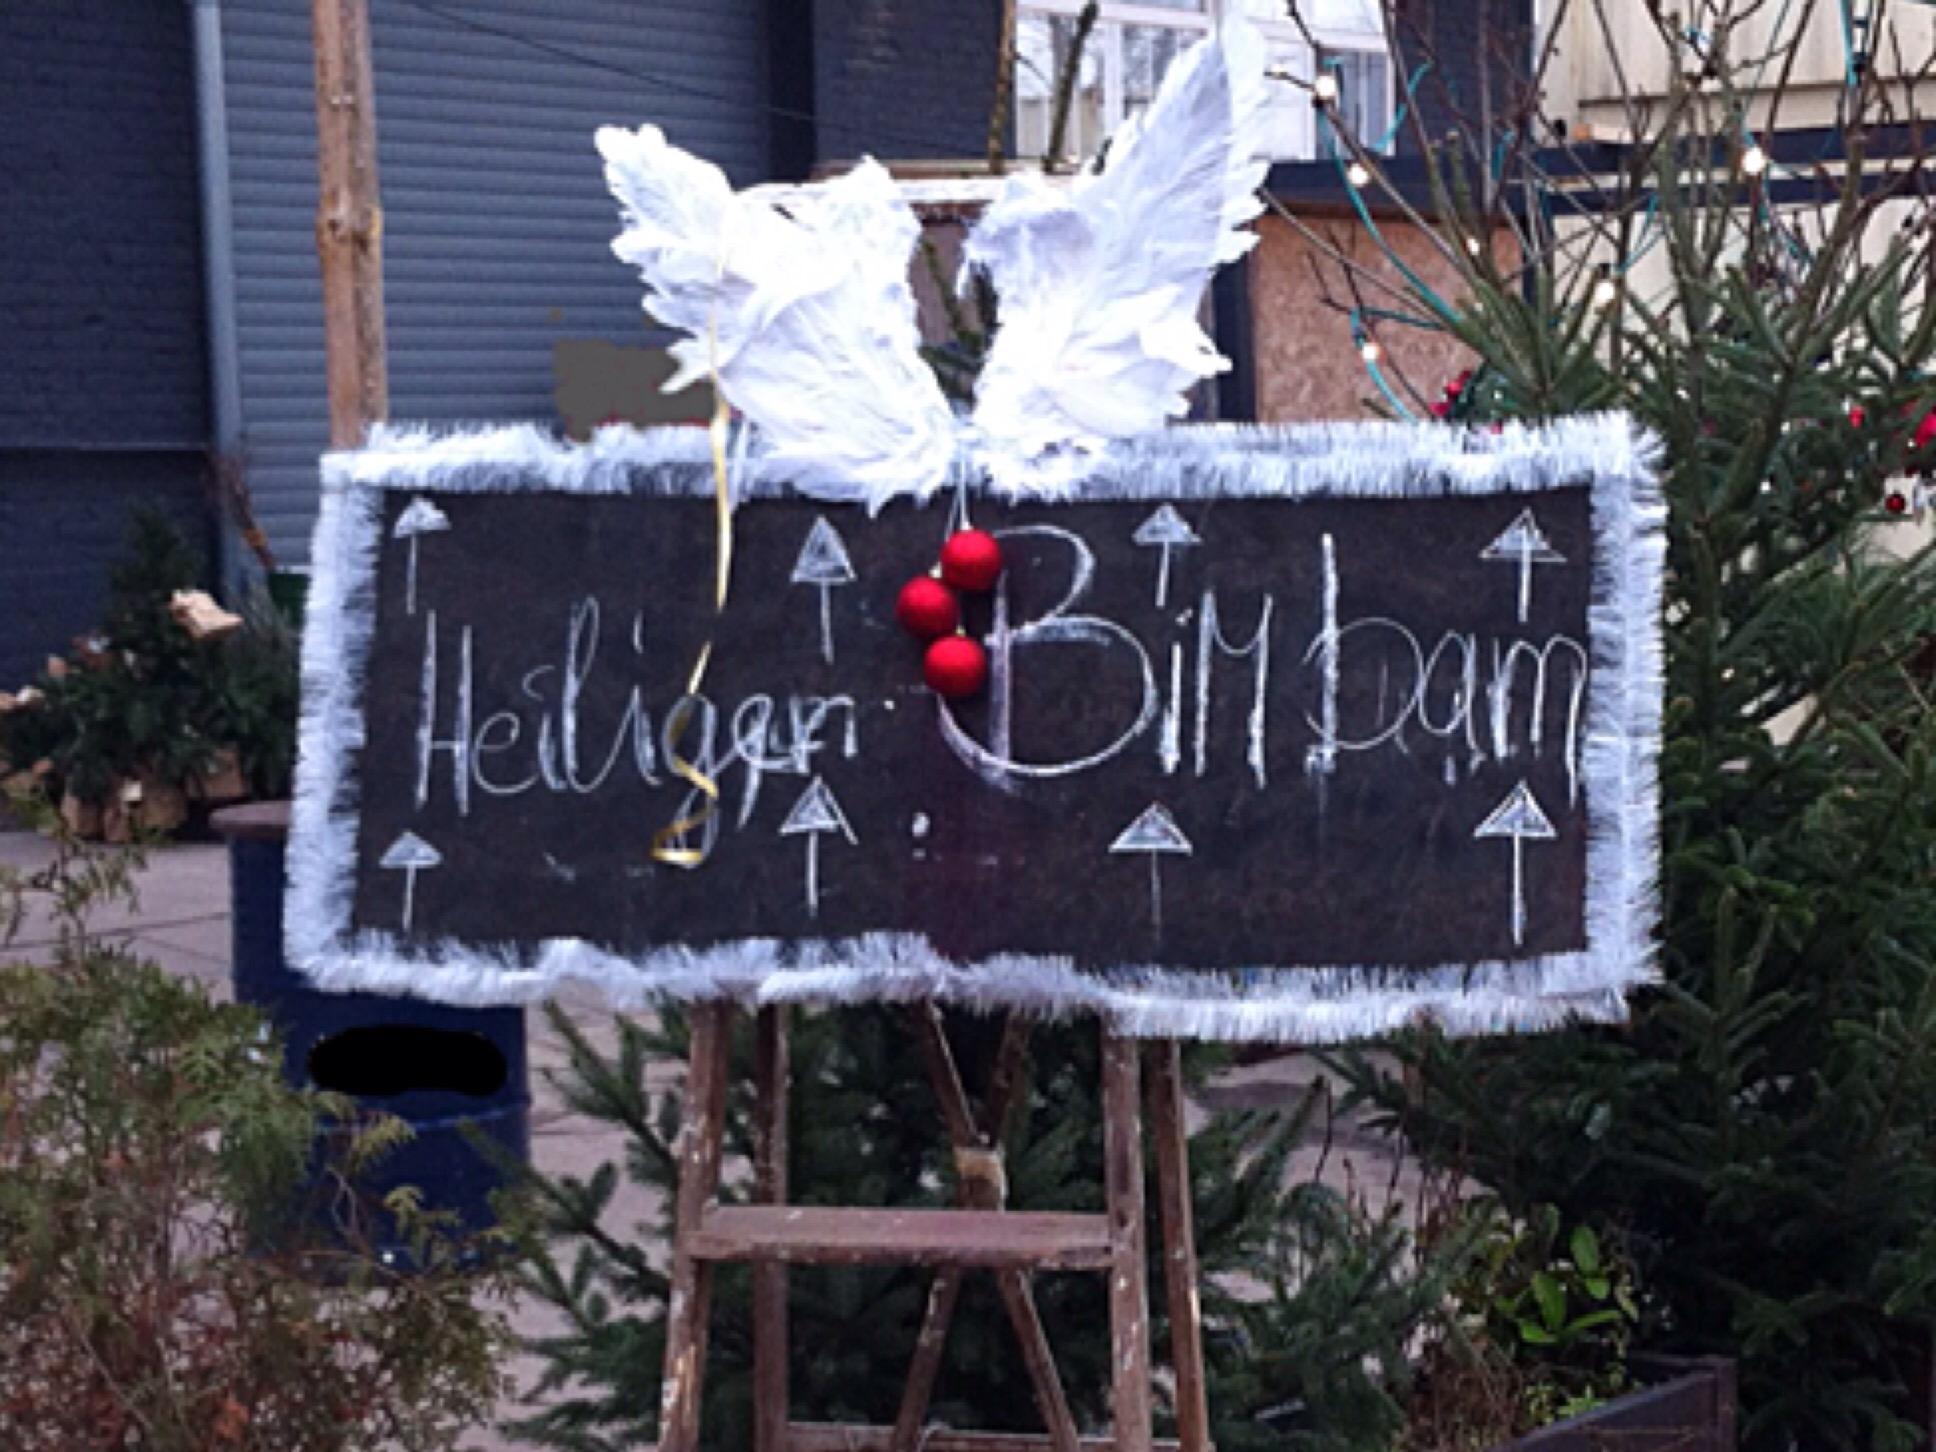 Weihnachtsgrüße Aus Berlin.Mein Photo Der Woche 18 Oder Berliner Weihnachtsgrüße